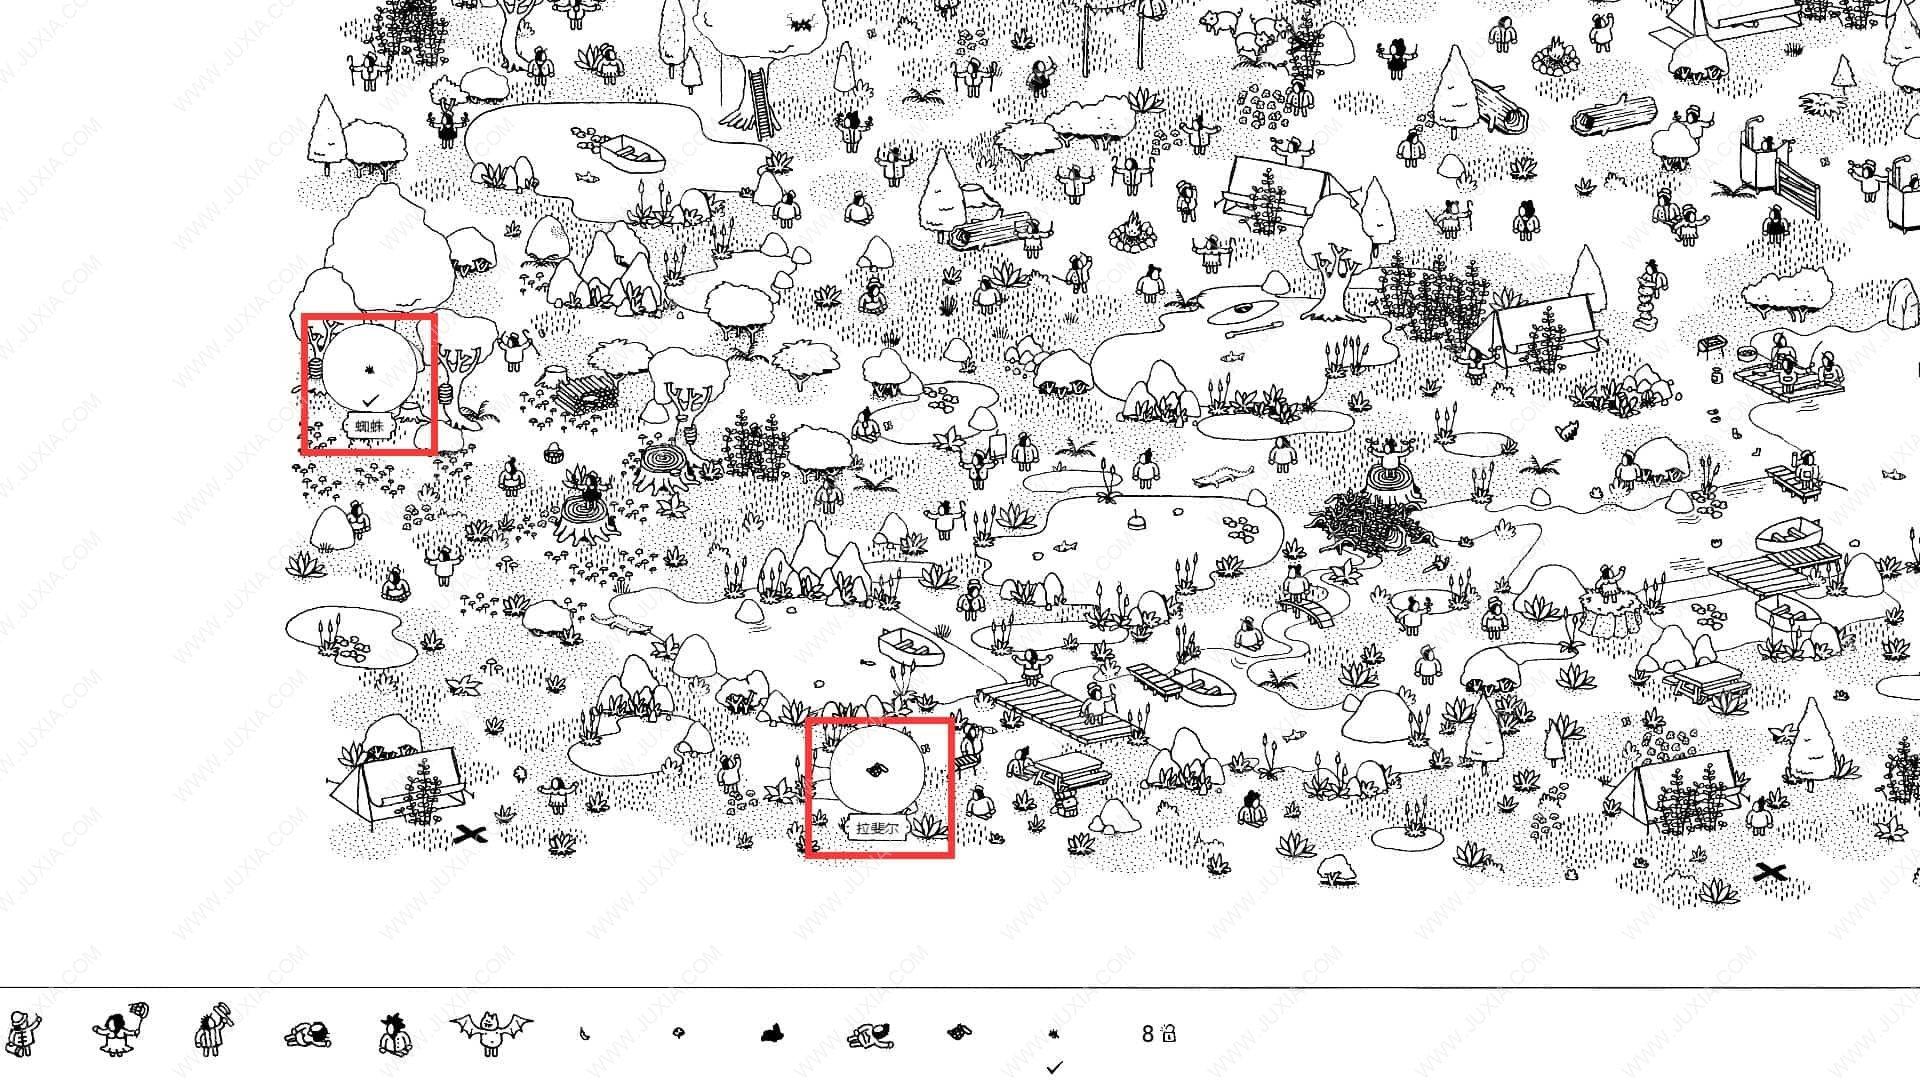 隐藏的家伙攻略图文森林第5关 HiddenFolks图文攻略森林第五关